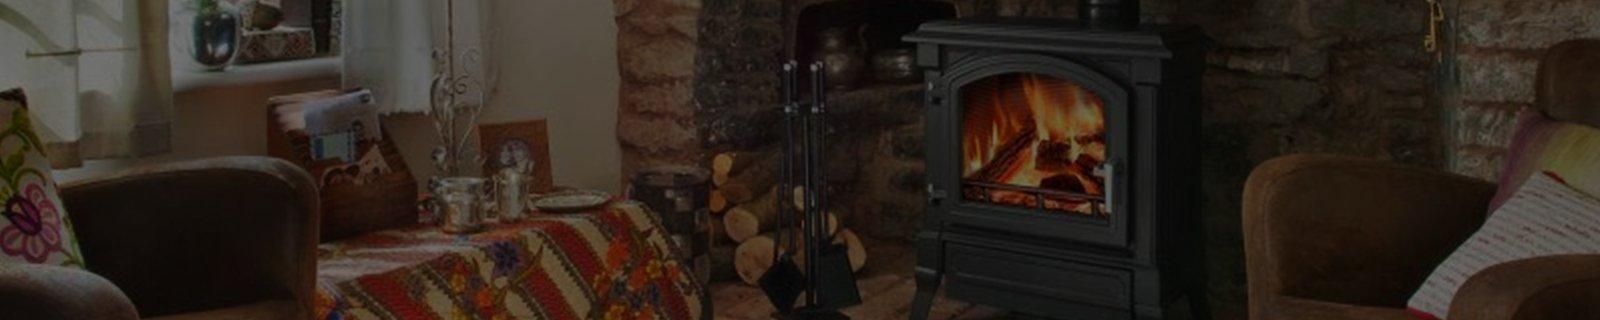 Конвекционные печи купить в Киеве. Установка, монтаж. Заказать. Цены, фото, сайт - Kaminoff